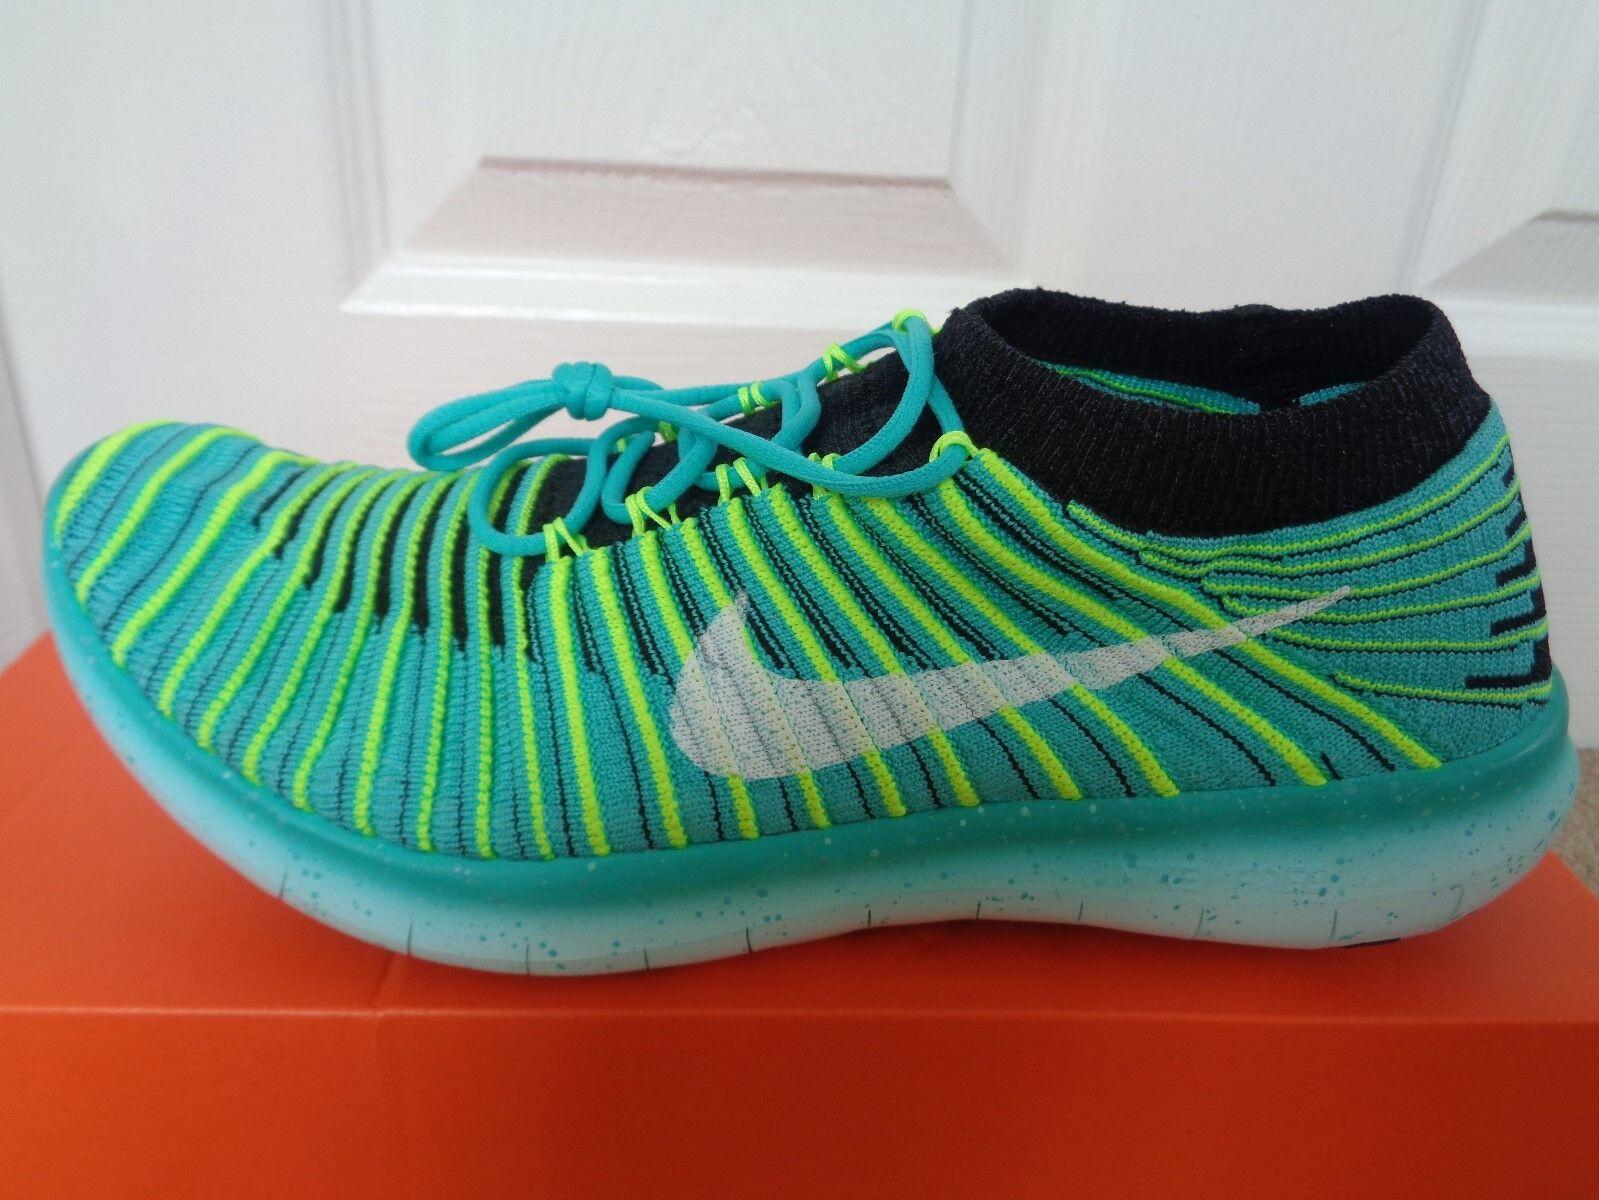 Nike Free RN movimento Flyknit Scarpe Da Ginnastica 834585 300 EU 37.5 US 6.5 Nuovo + Scatola